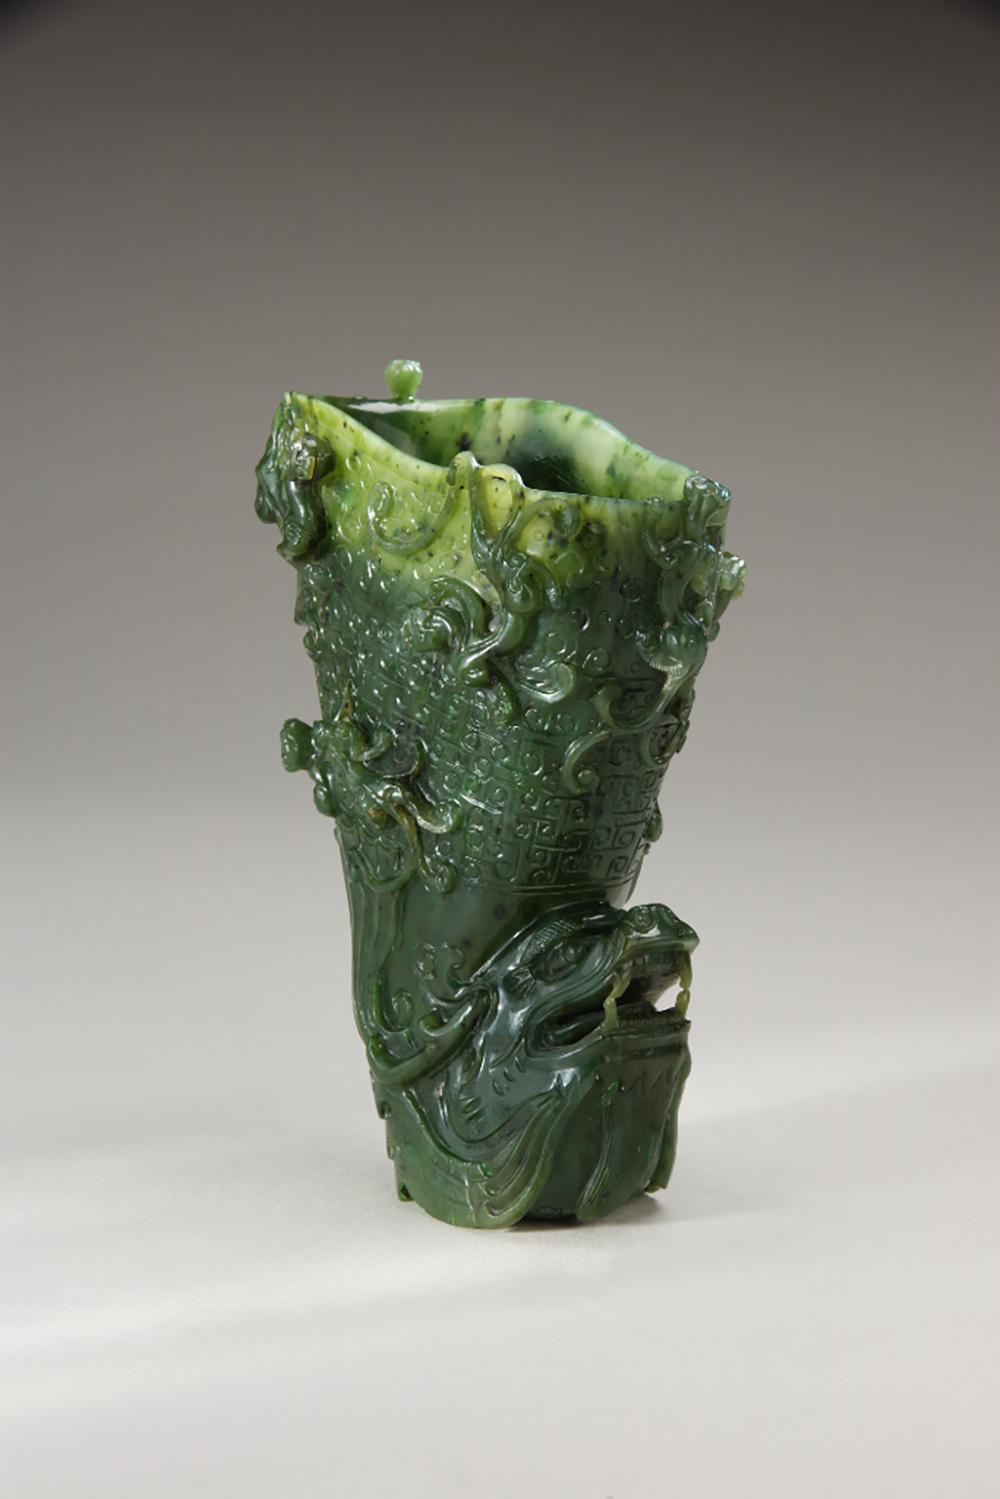 Dragon-headed rhyton (vessel)